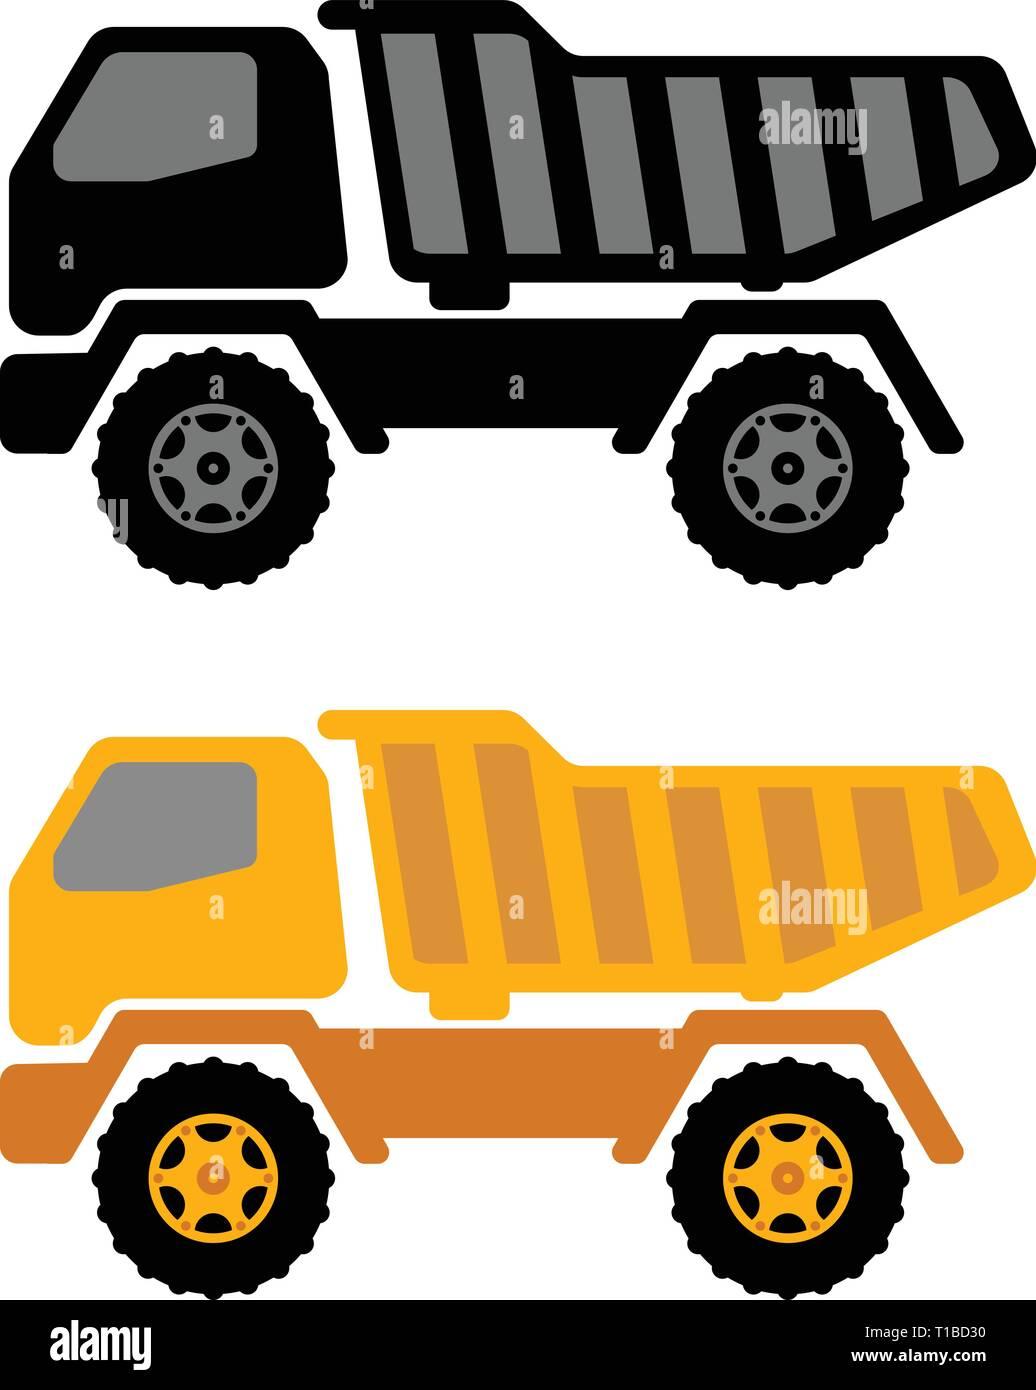 dumper truck illustration - vector Stock Vector